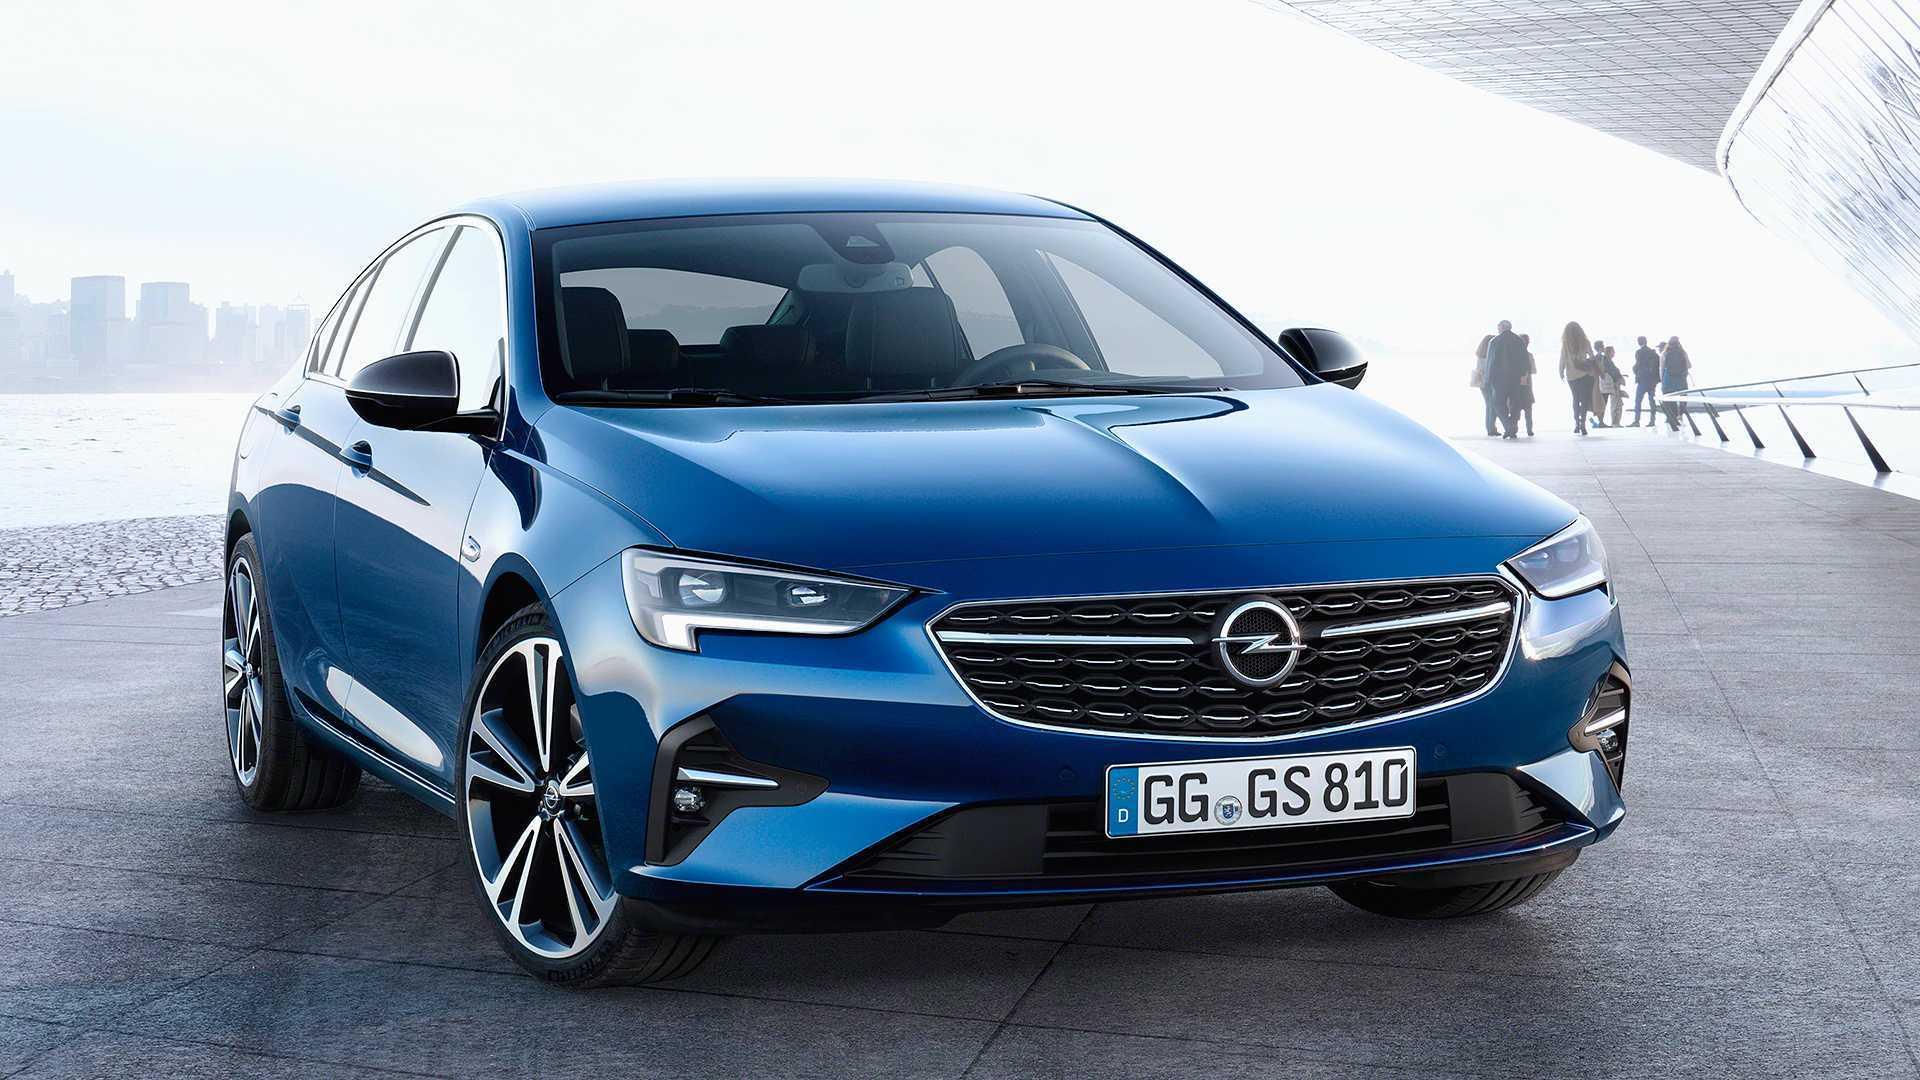 2020 Opel Insignia makyajlı yüzünü gösterdi